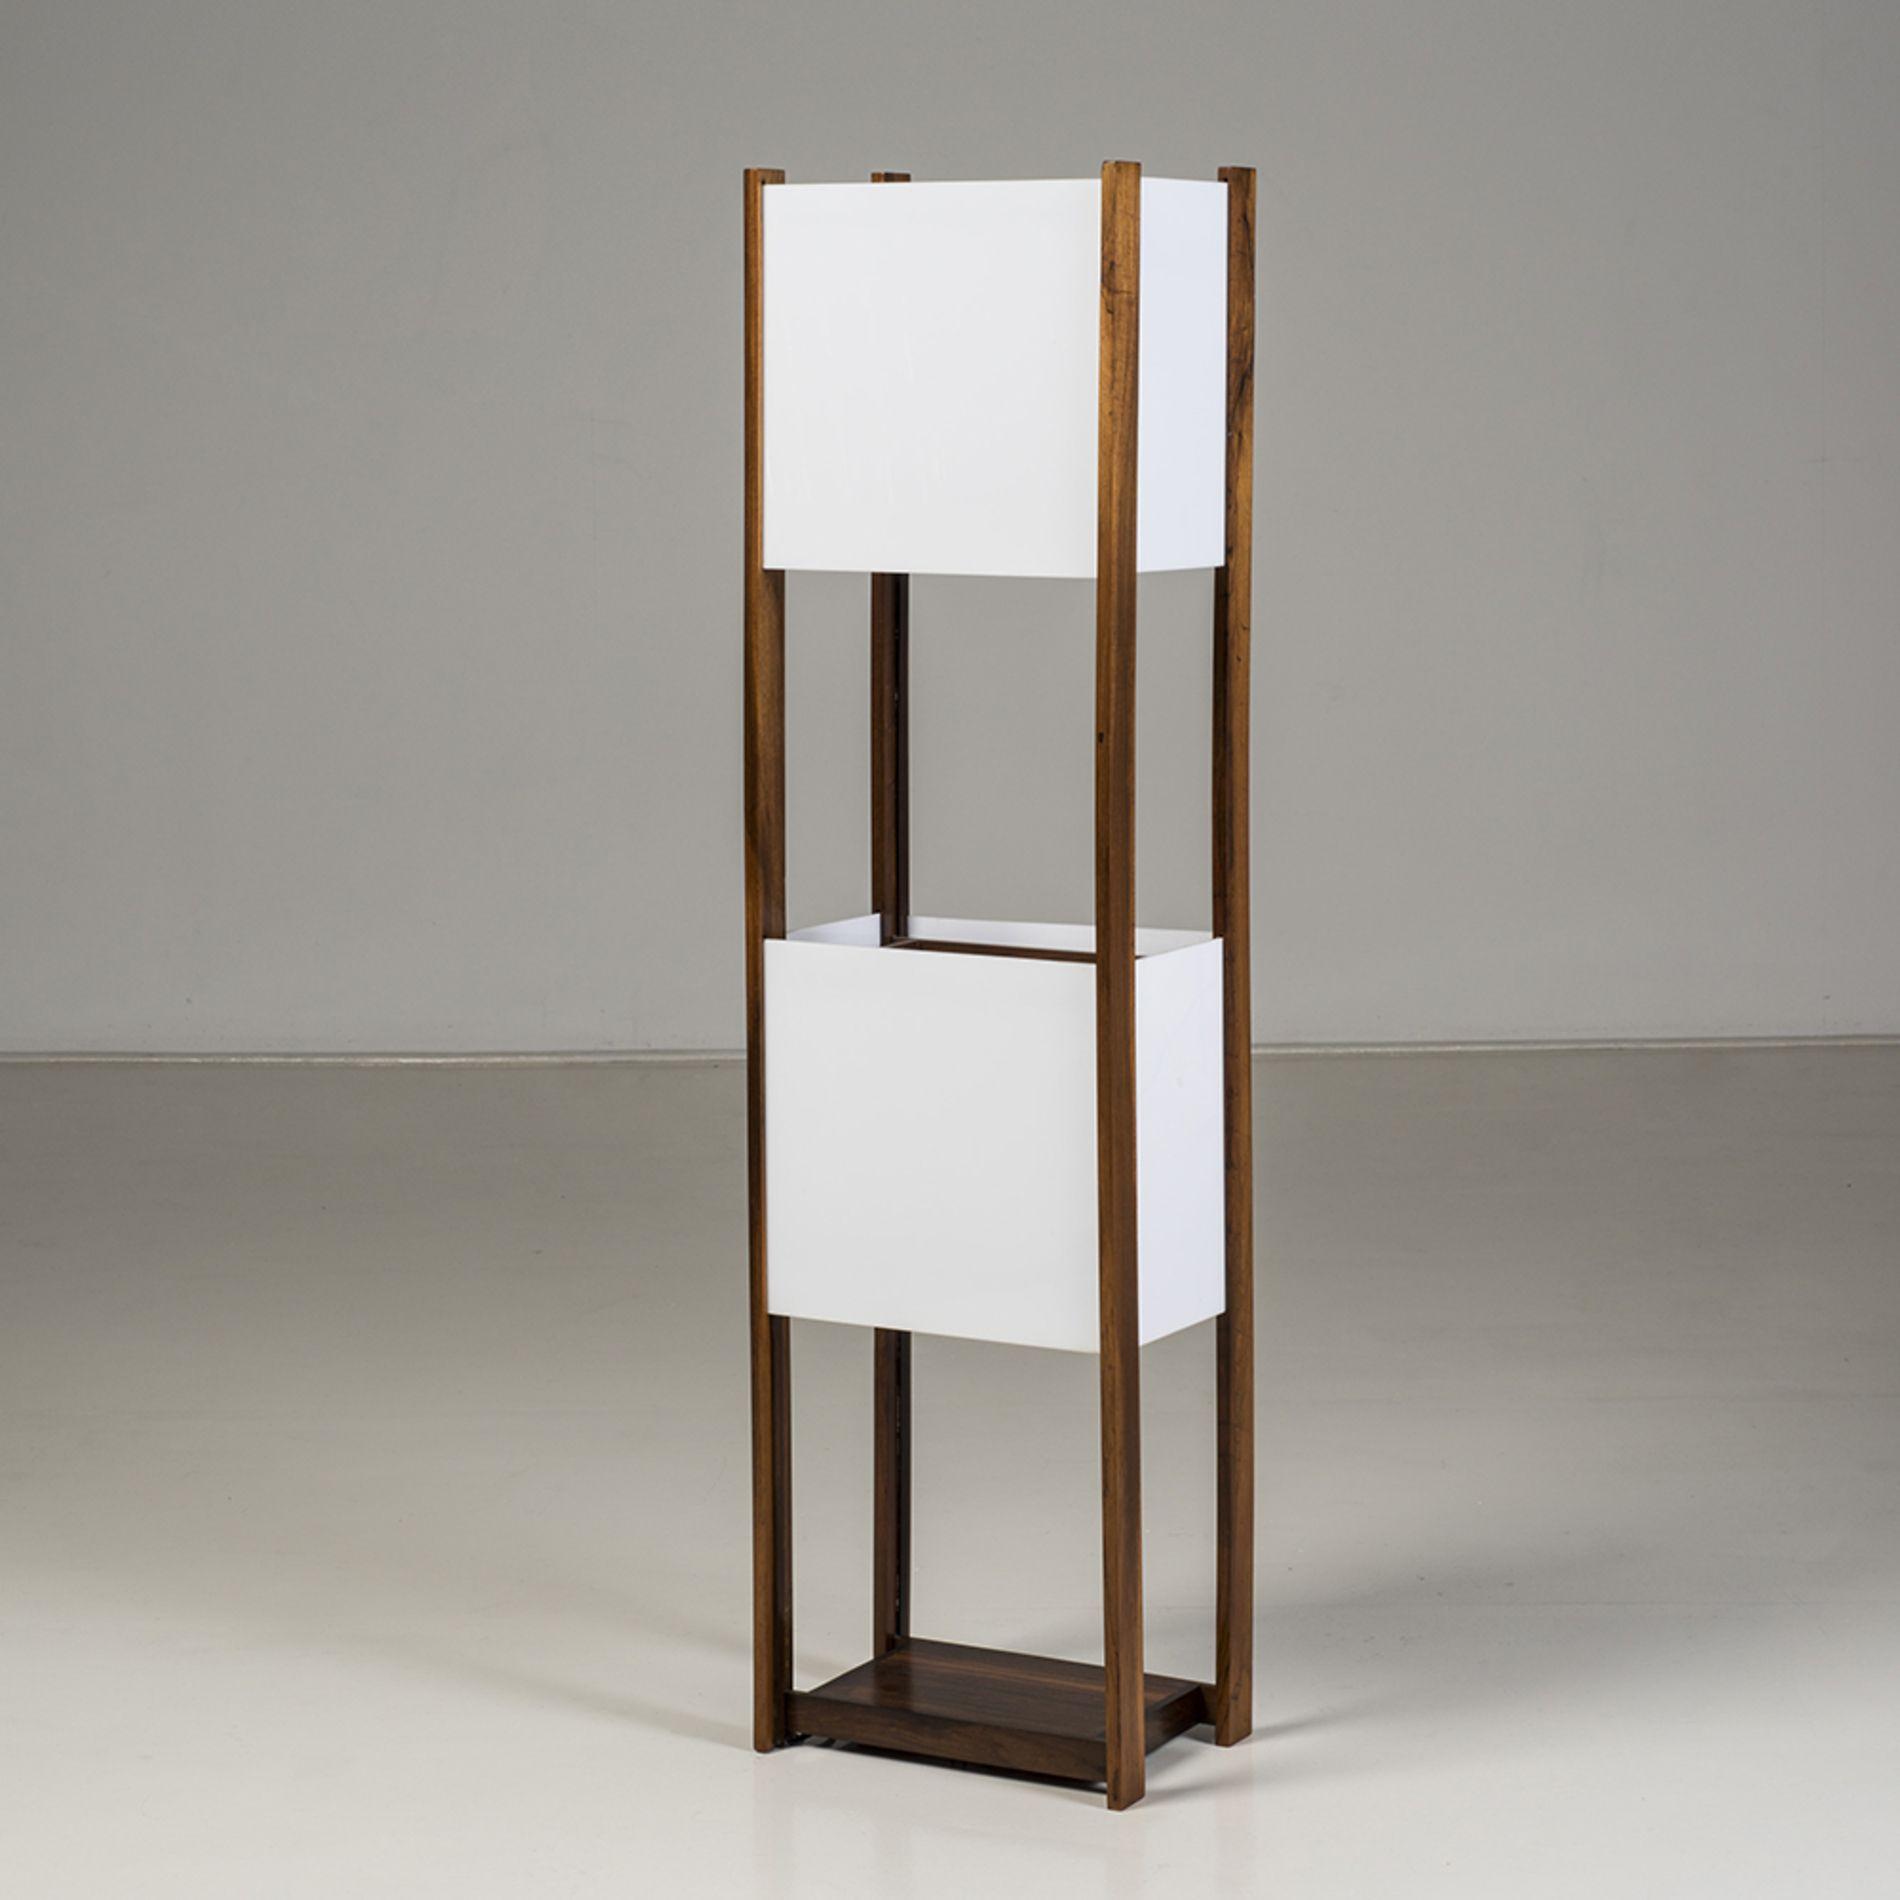 Joaquim Tenreiro (1906-1992)  Lampadaire  Jacaranda et acrylique  Edtion Tenreiro movéis e decoraçoes  Date de création : vers 1965  H 134,5 × L 35 × P 25 cm